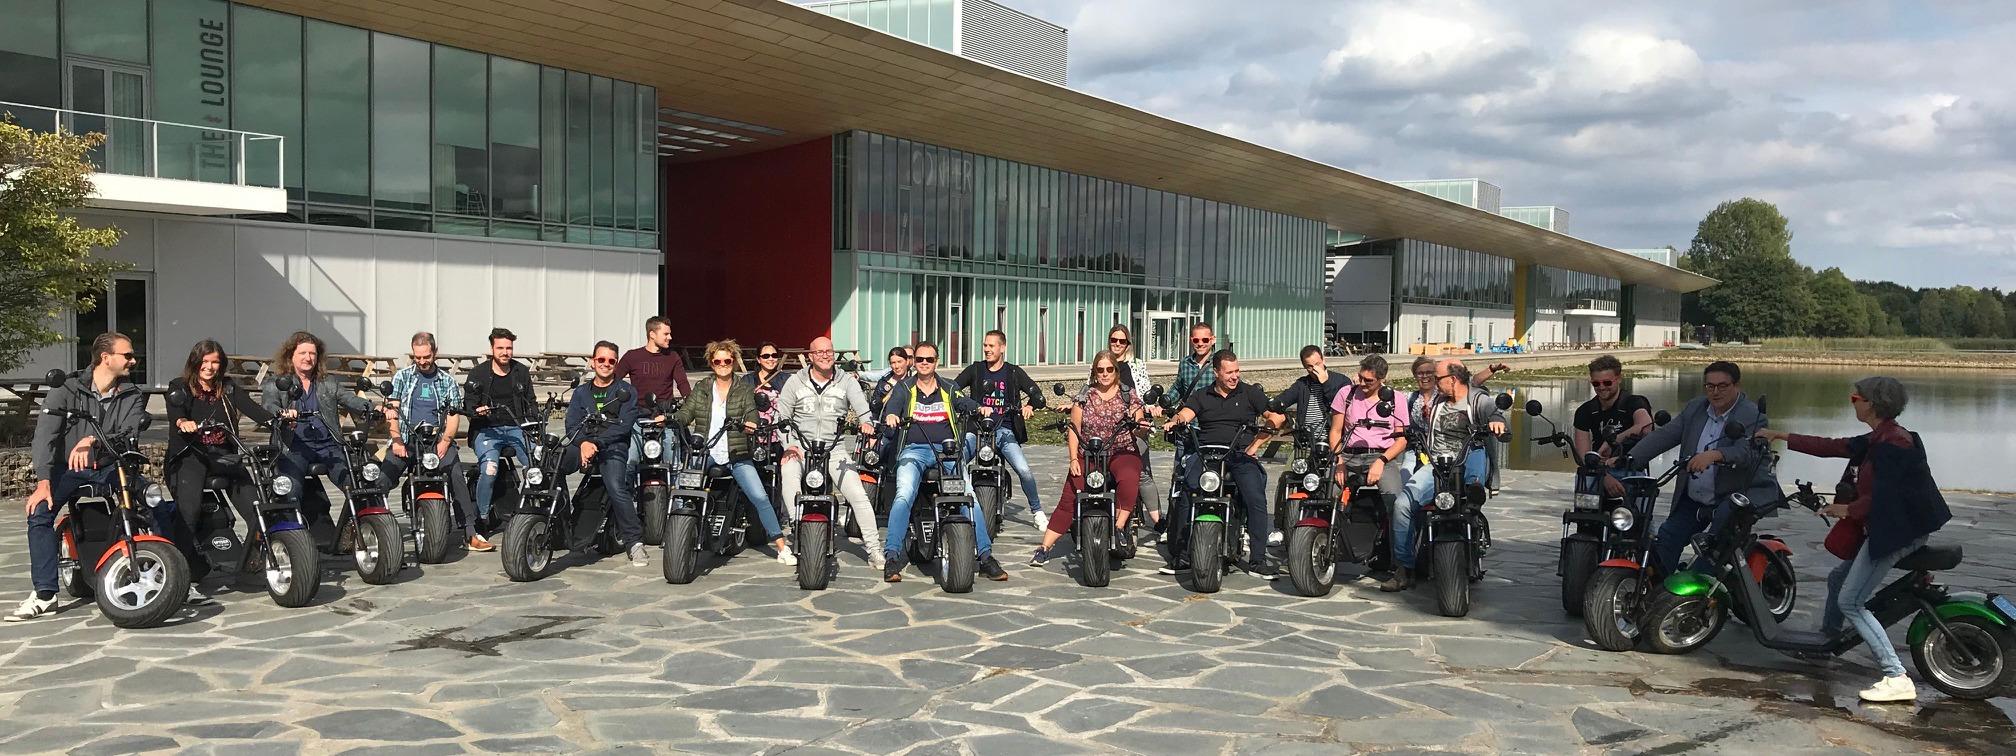 eindhoven-bedrijfsuitje -scooter-tocht